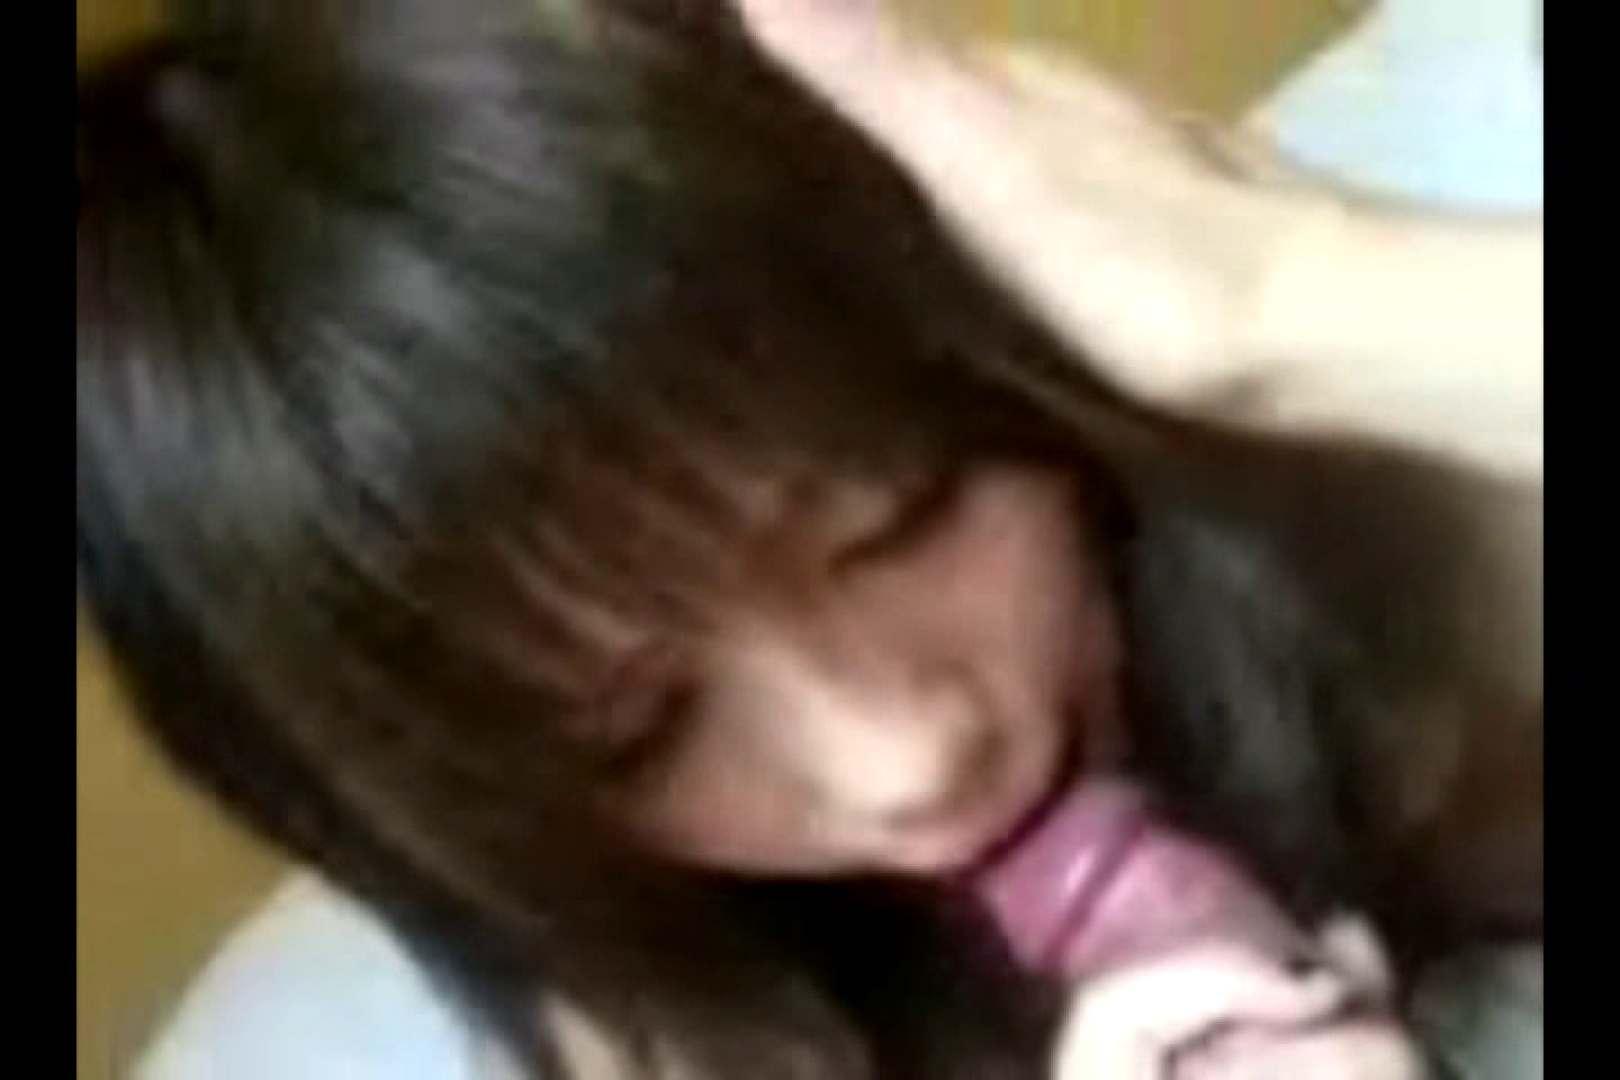 フェラ好きの変態カップルハメ撮り映像が流出 フェラチオ | カップル  102pic 9